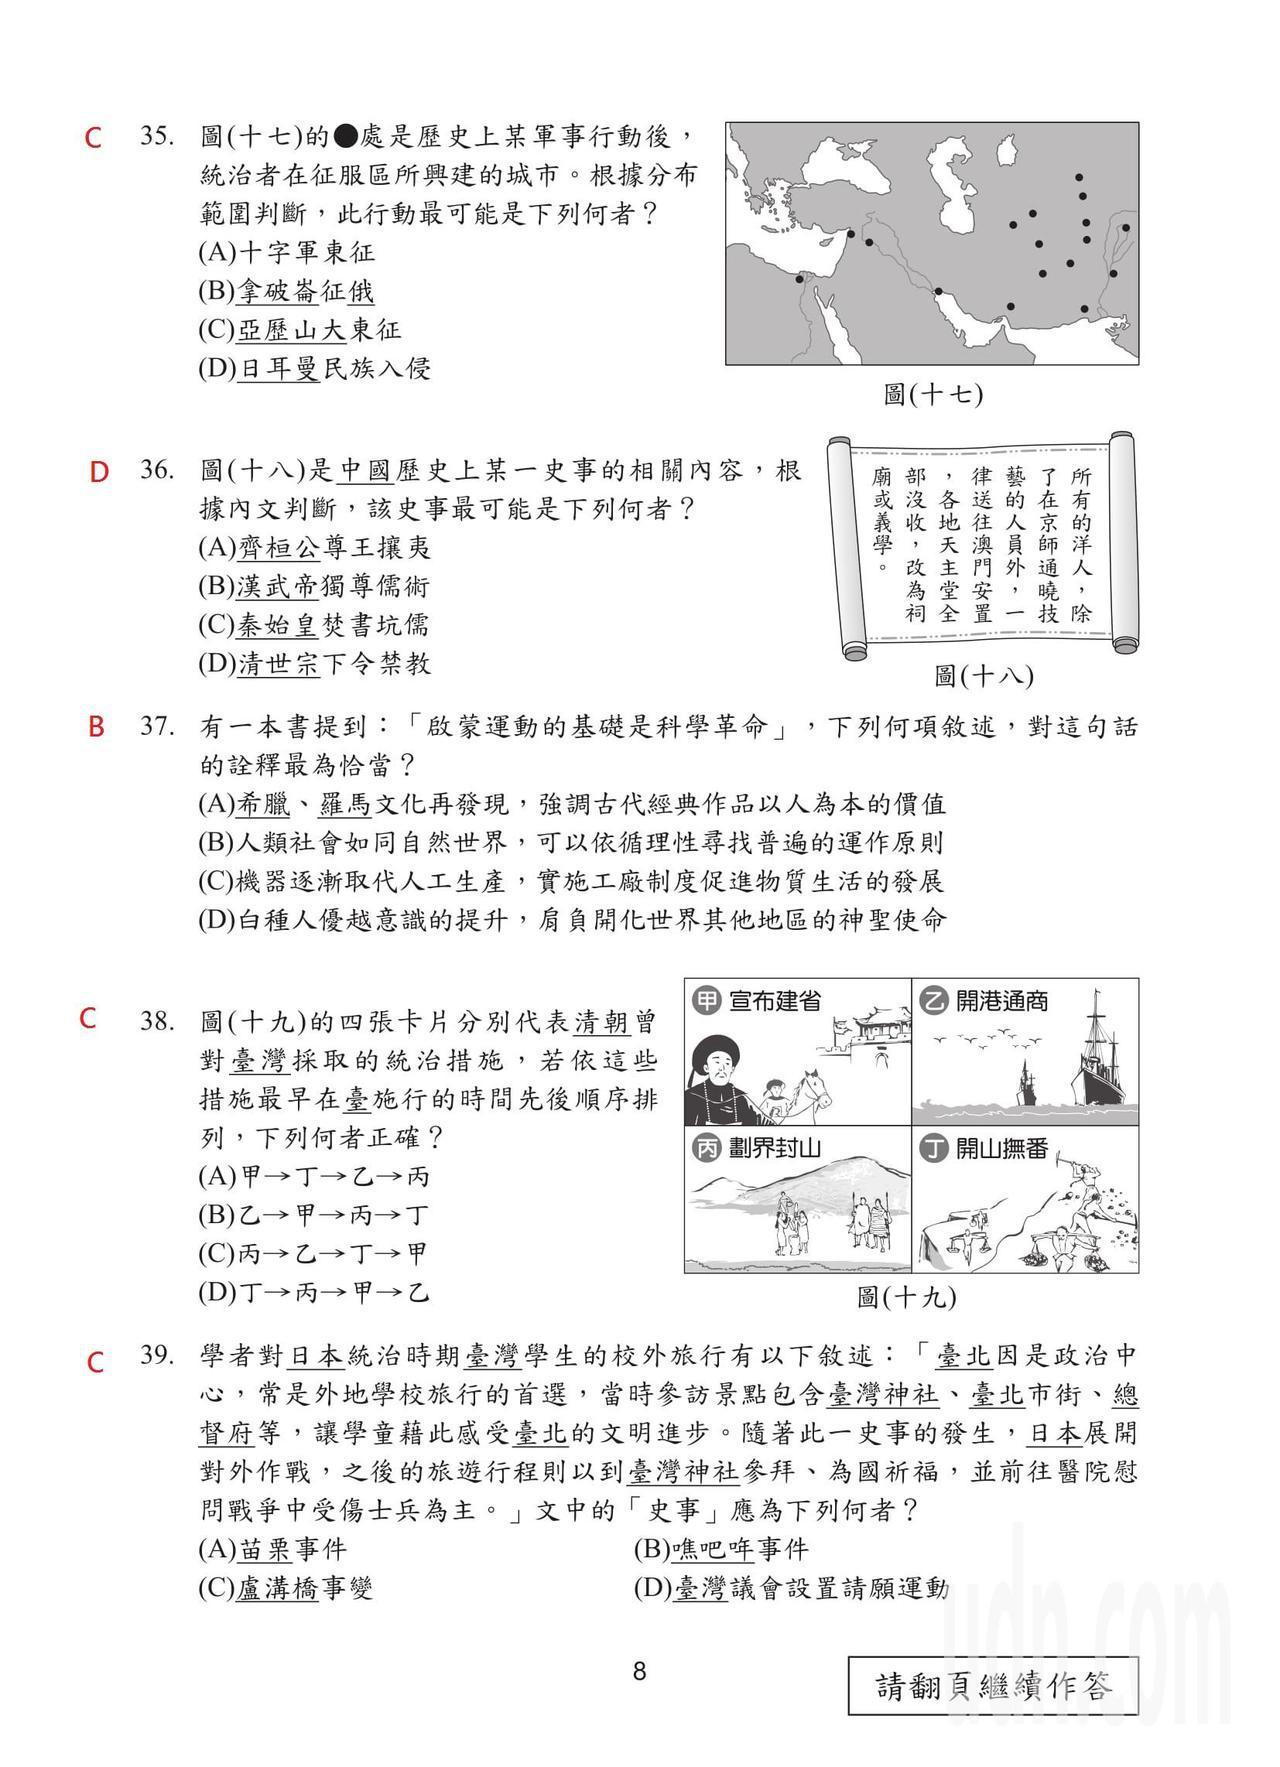 108國中會考社會科試題解答,第8頁。